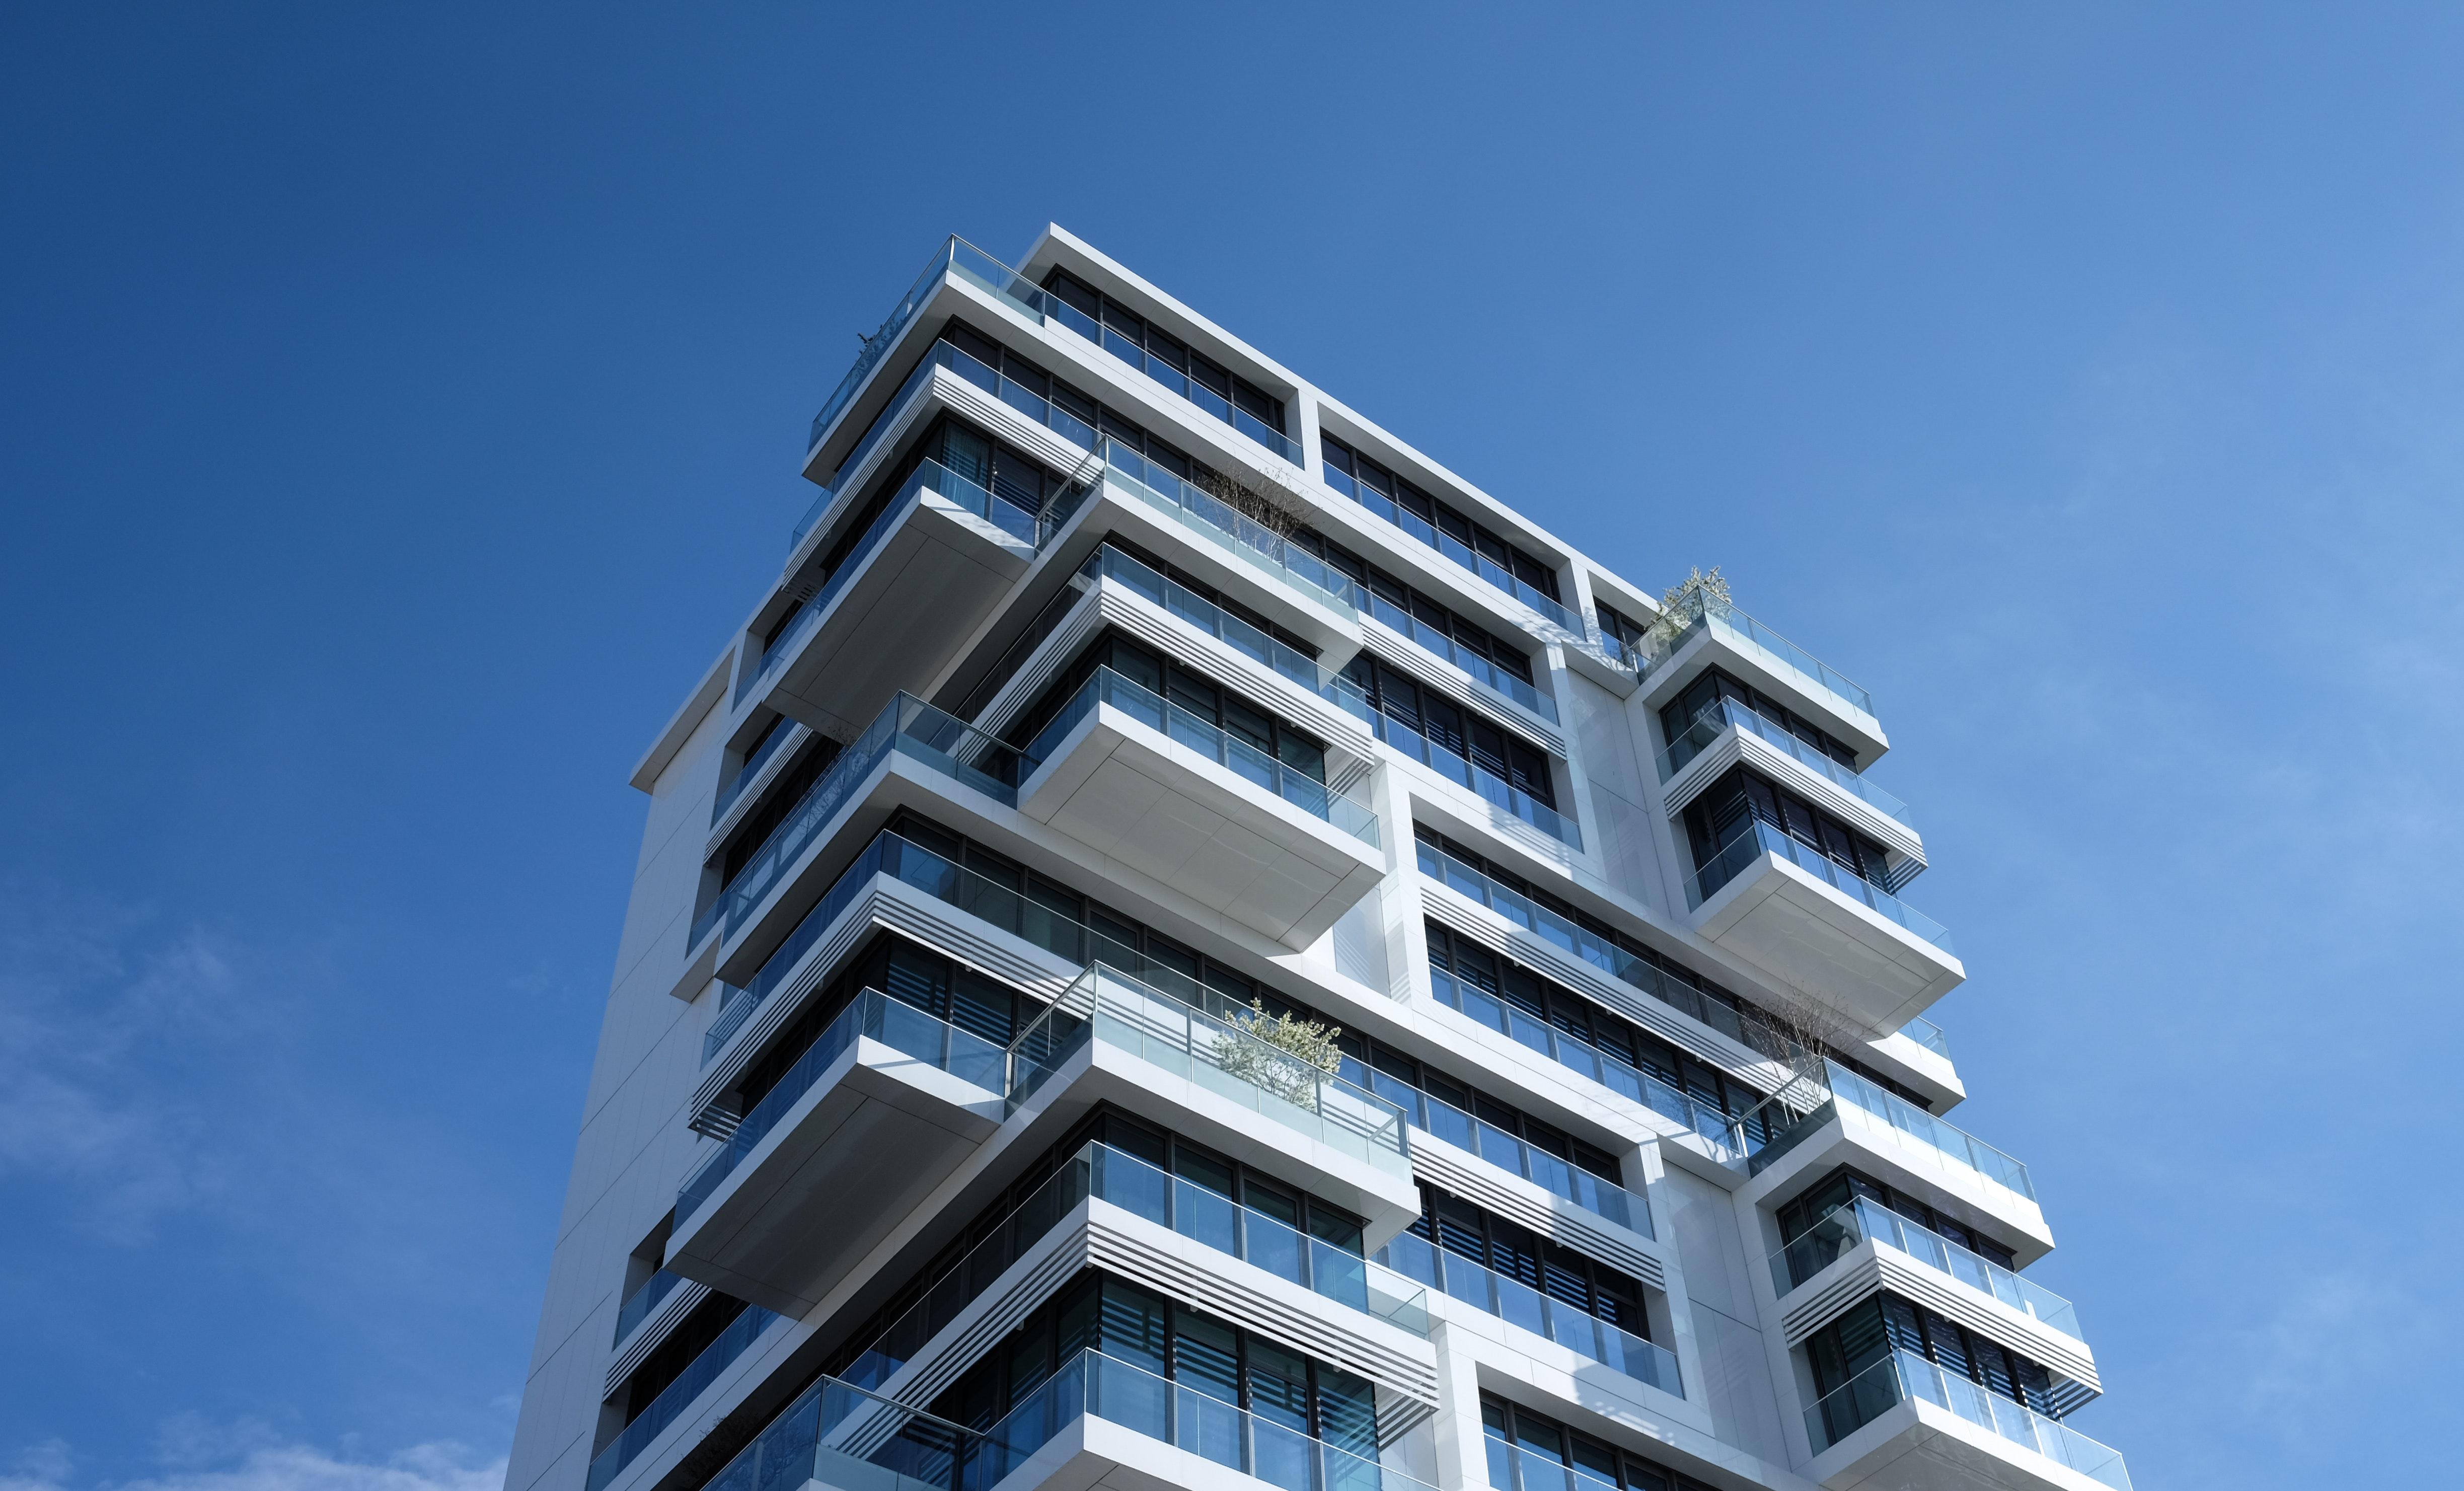 Trykprøvning kan foretages i alle bygninger